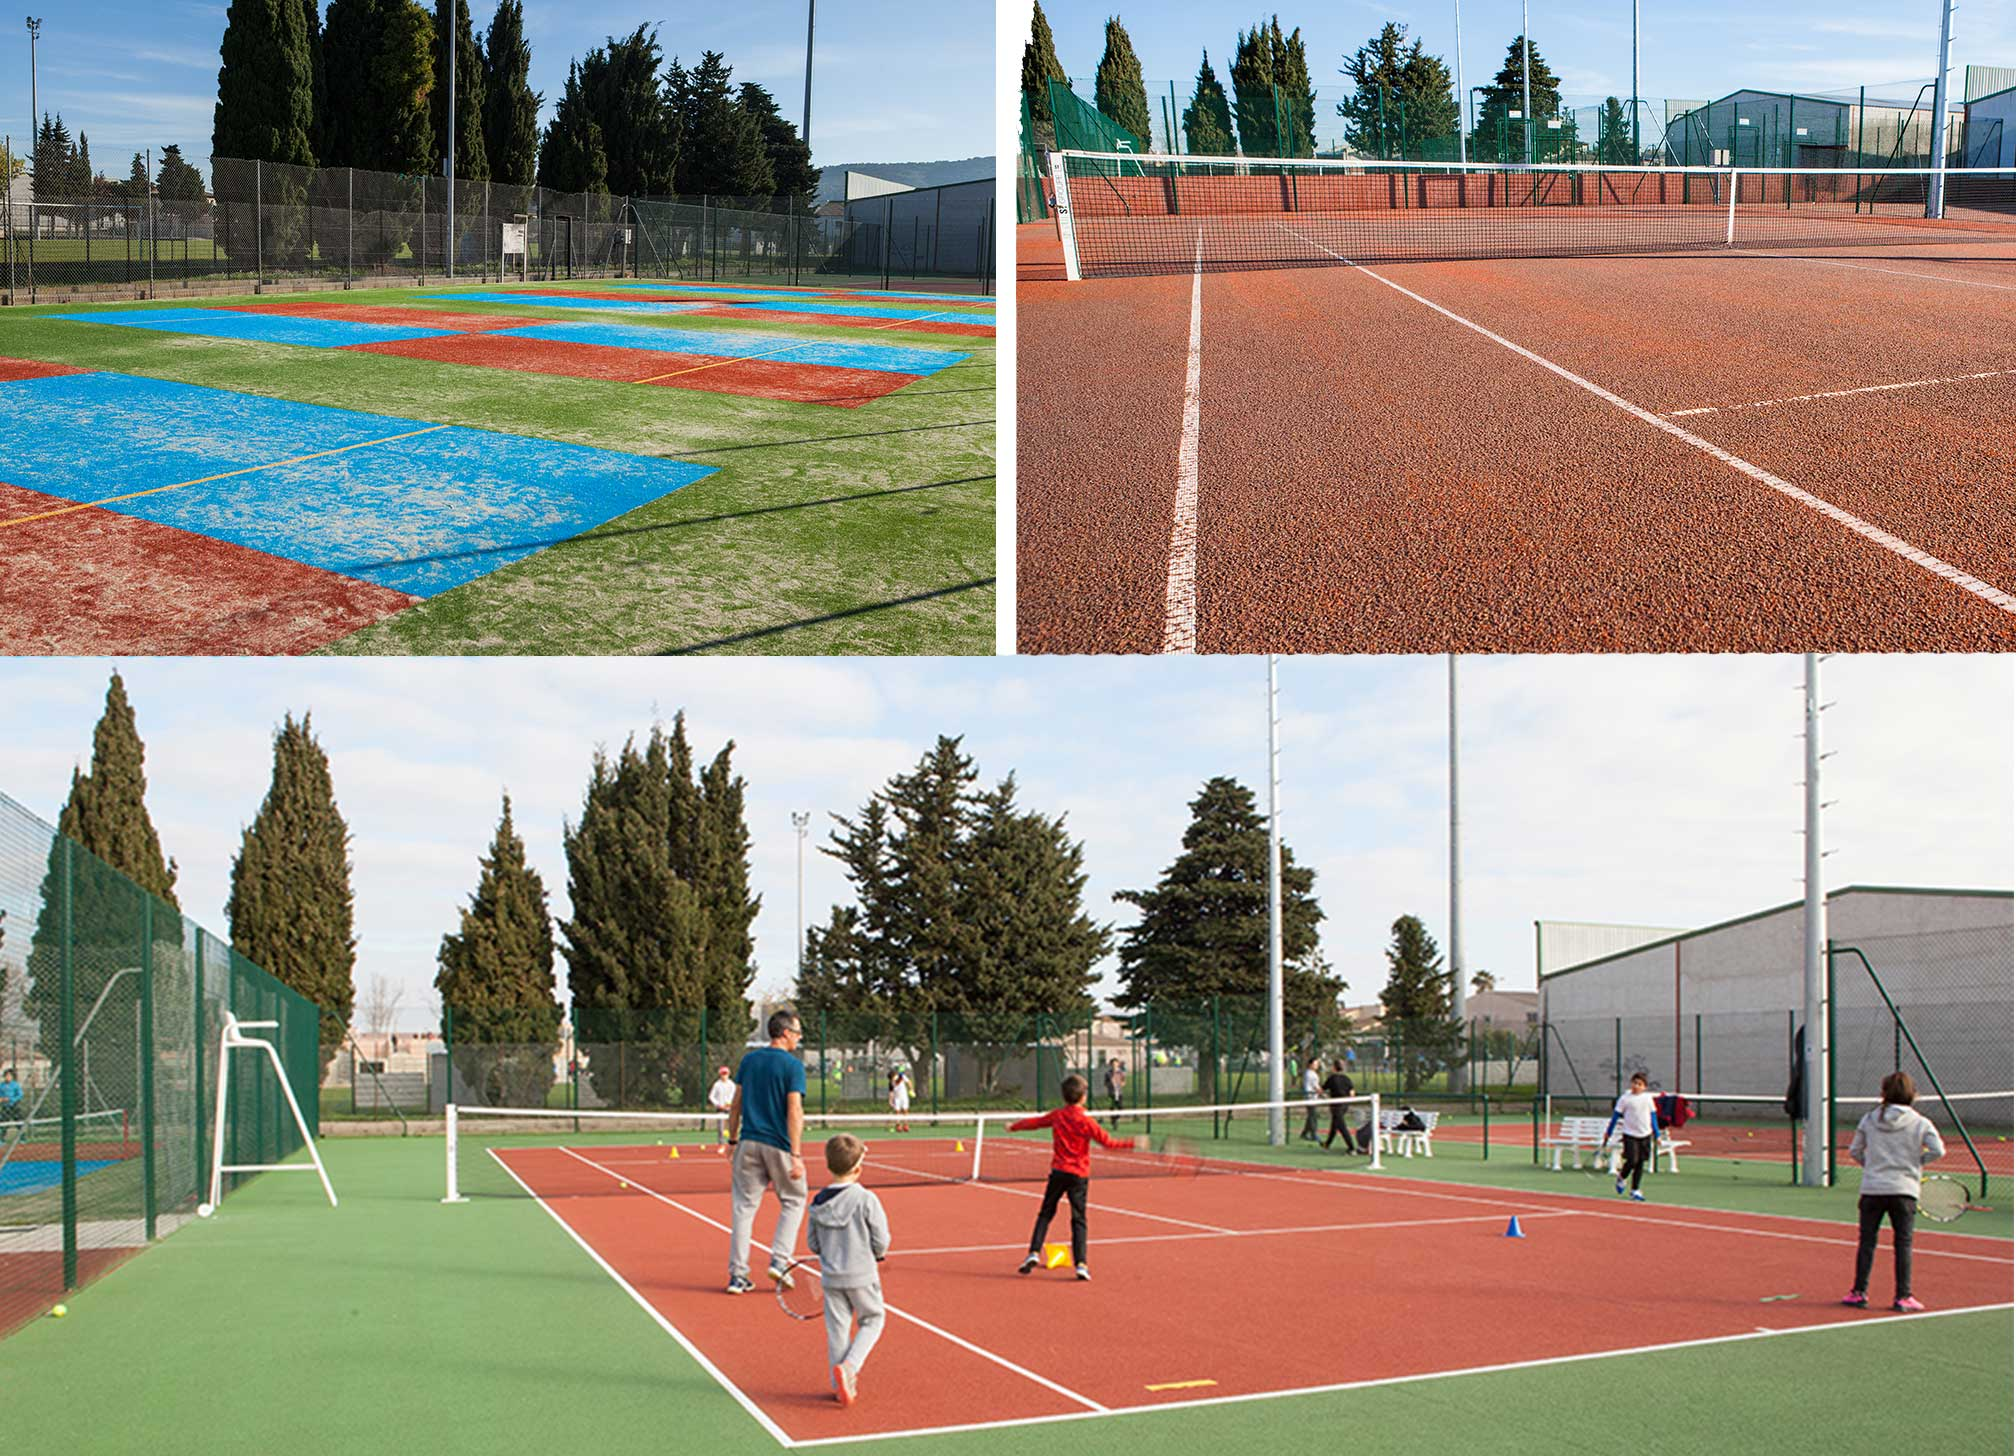 Terrains-de-tennis.jpg